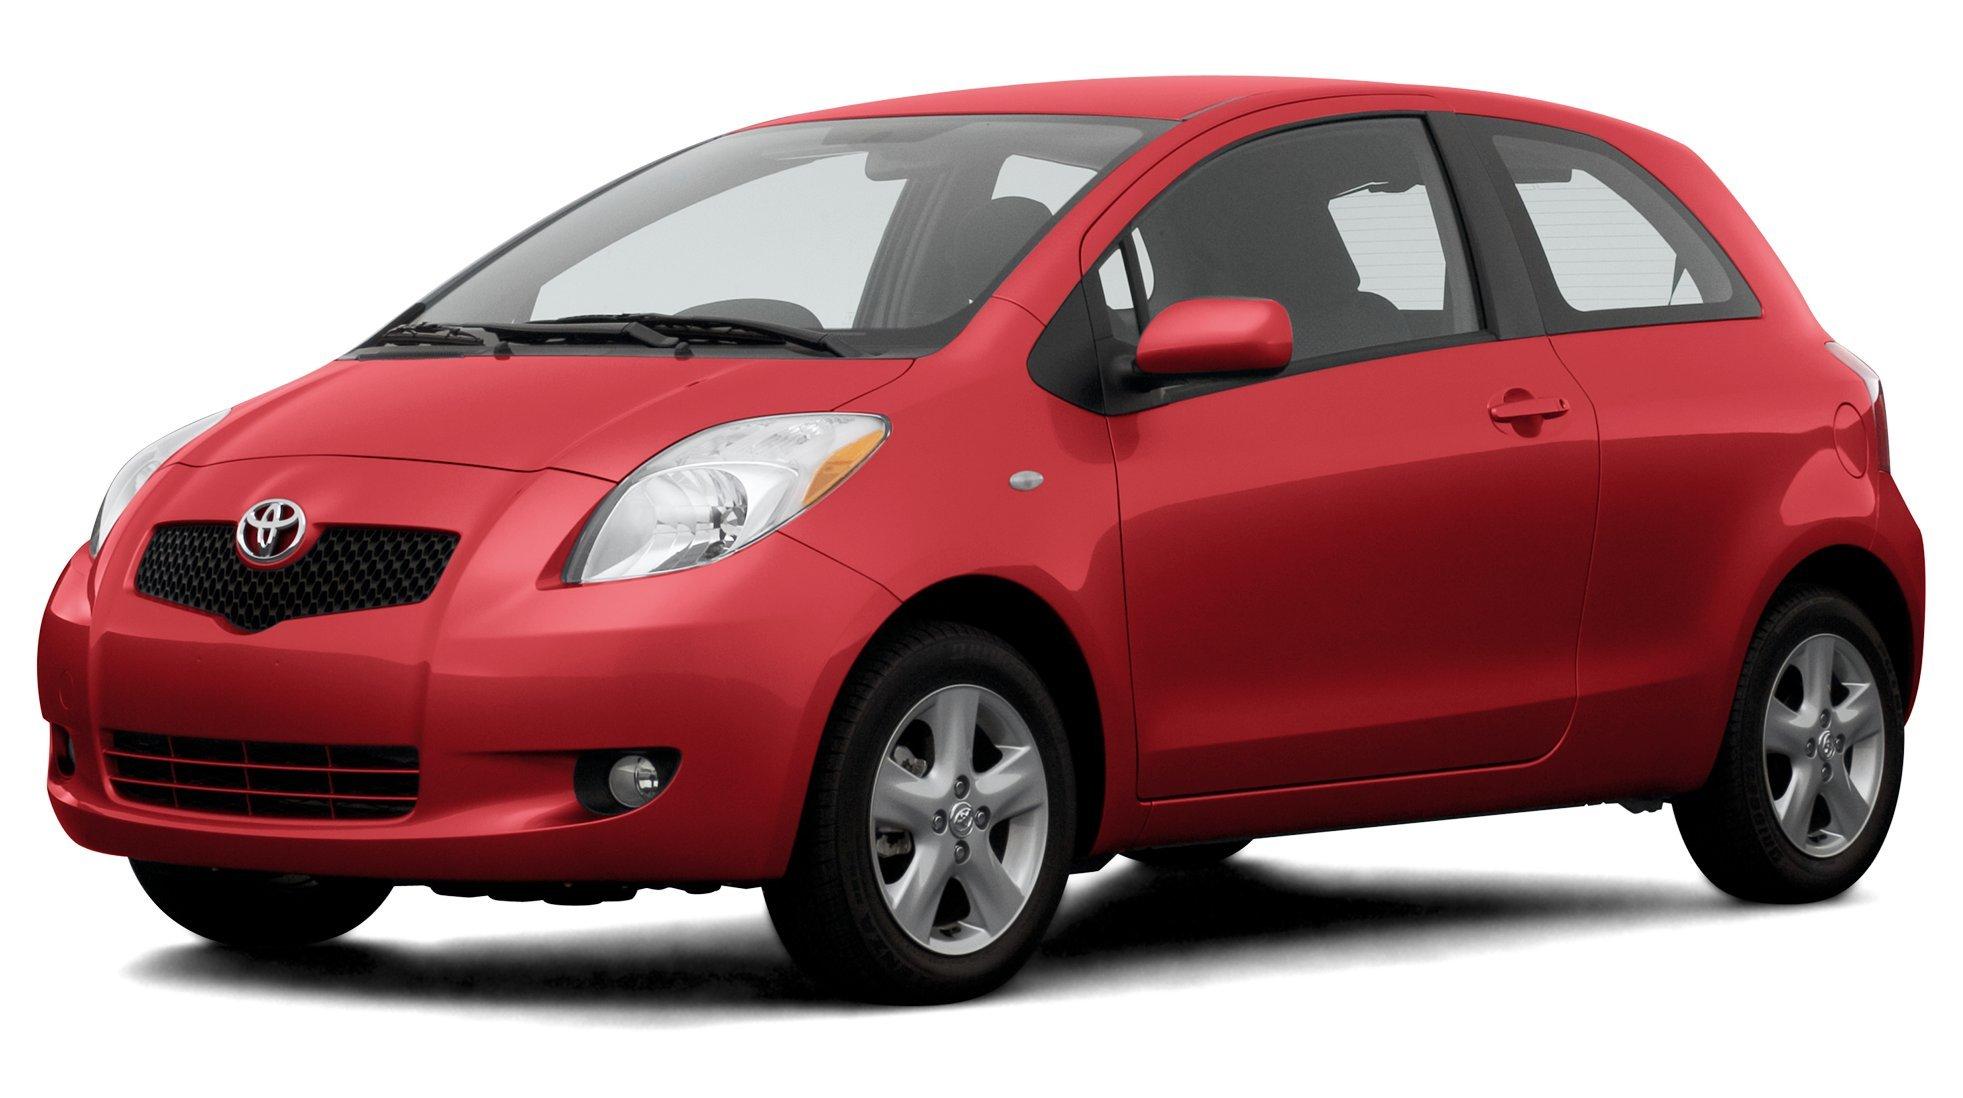 Toyota Yaris 2007 - Toyota Yaris: giá xe và khuyến mãi tháng [hienthithang]/[hienthinam]